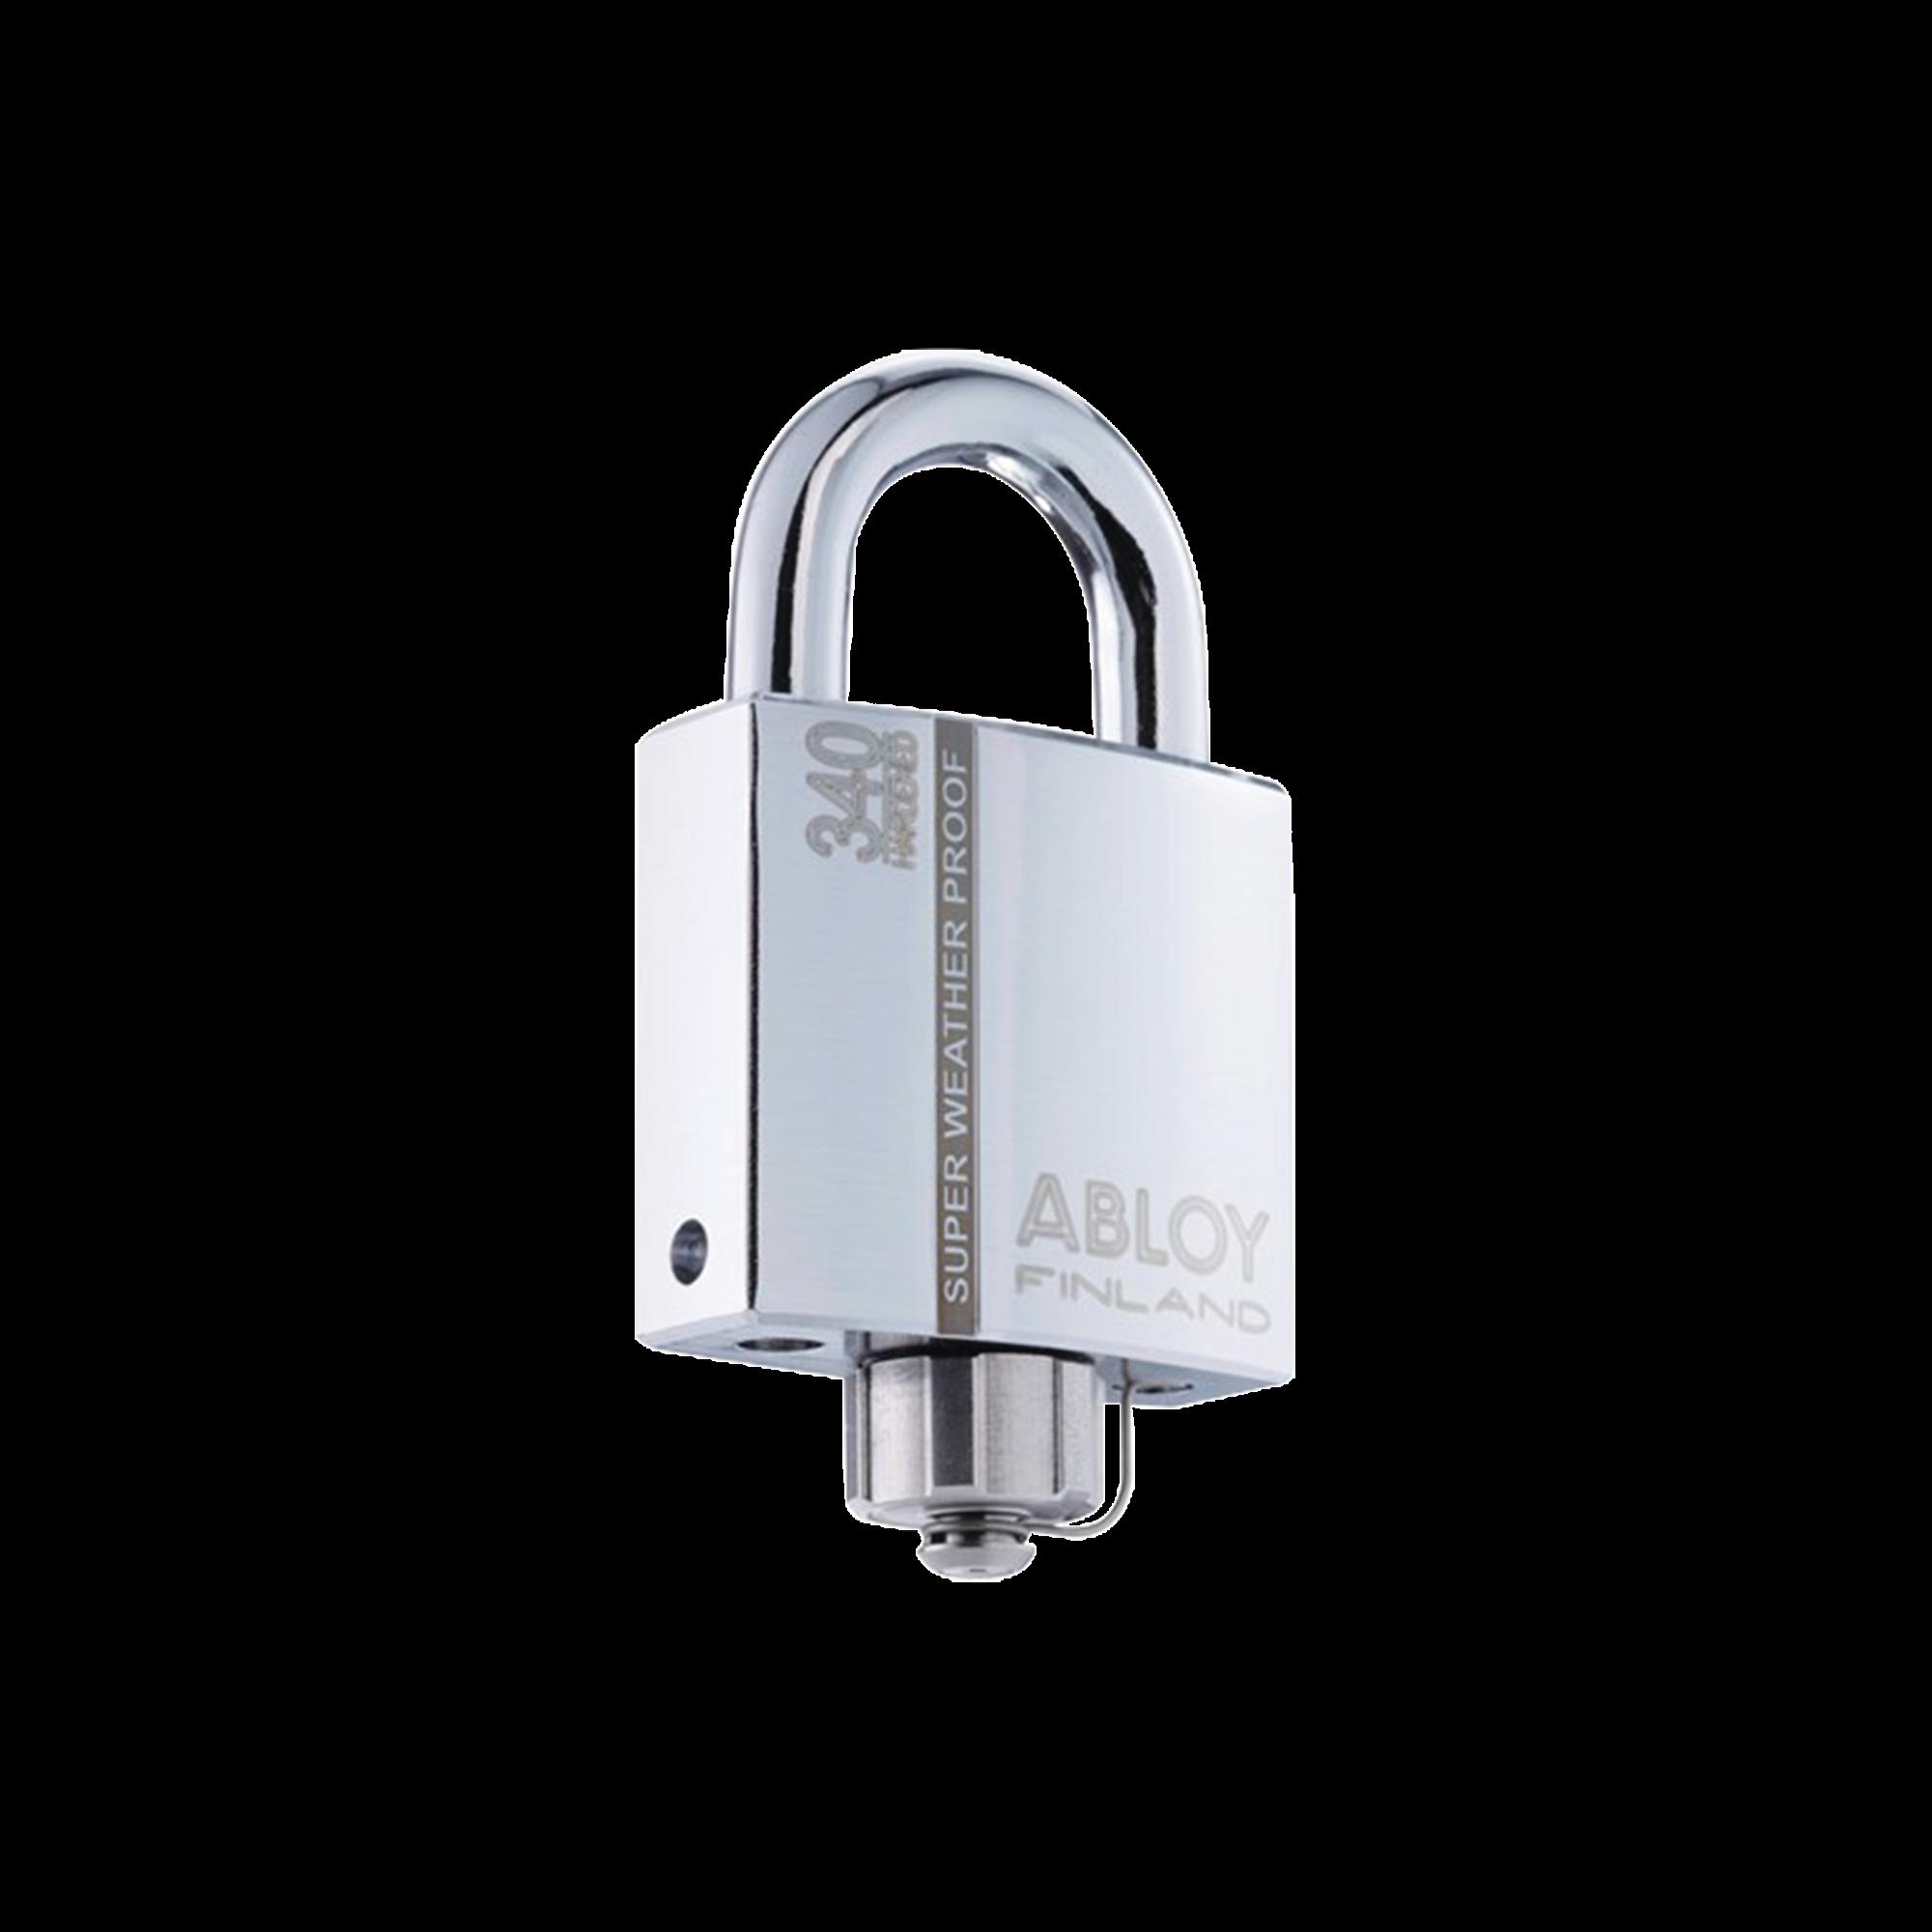 Candado Abloy / Grado 4 de Seguridad / Arco de 50 mm / Tapa Protectora / Sello Impermeable